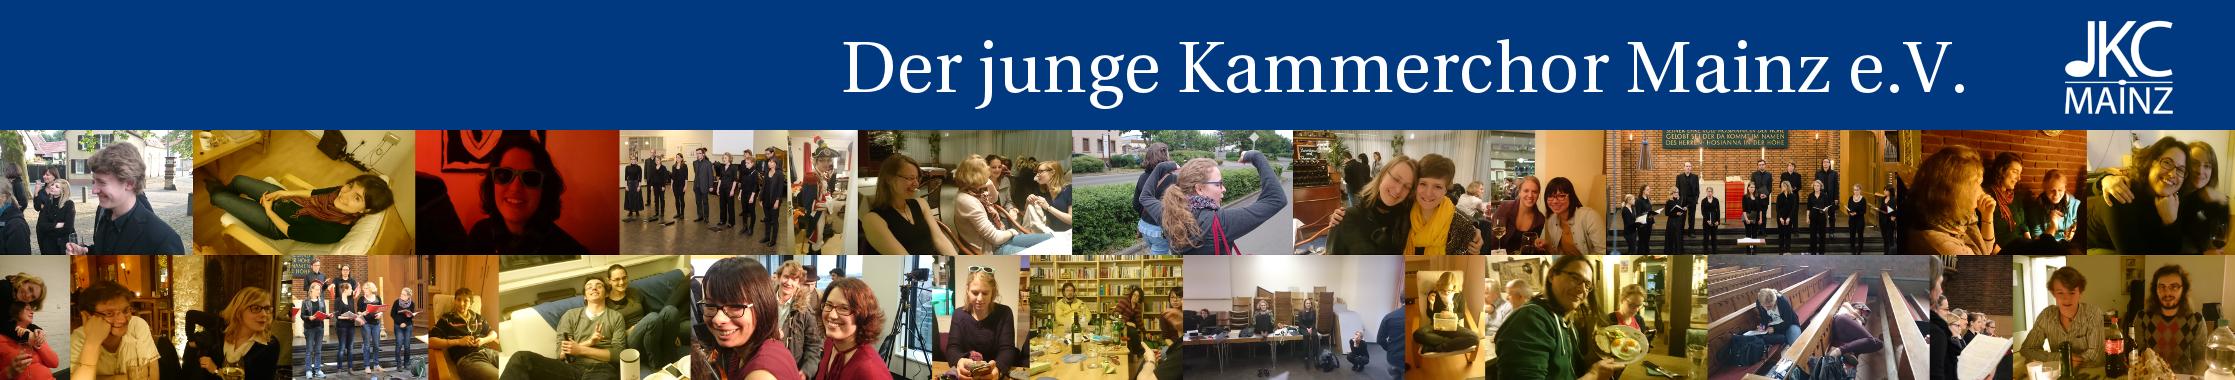 jKC Mainz